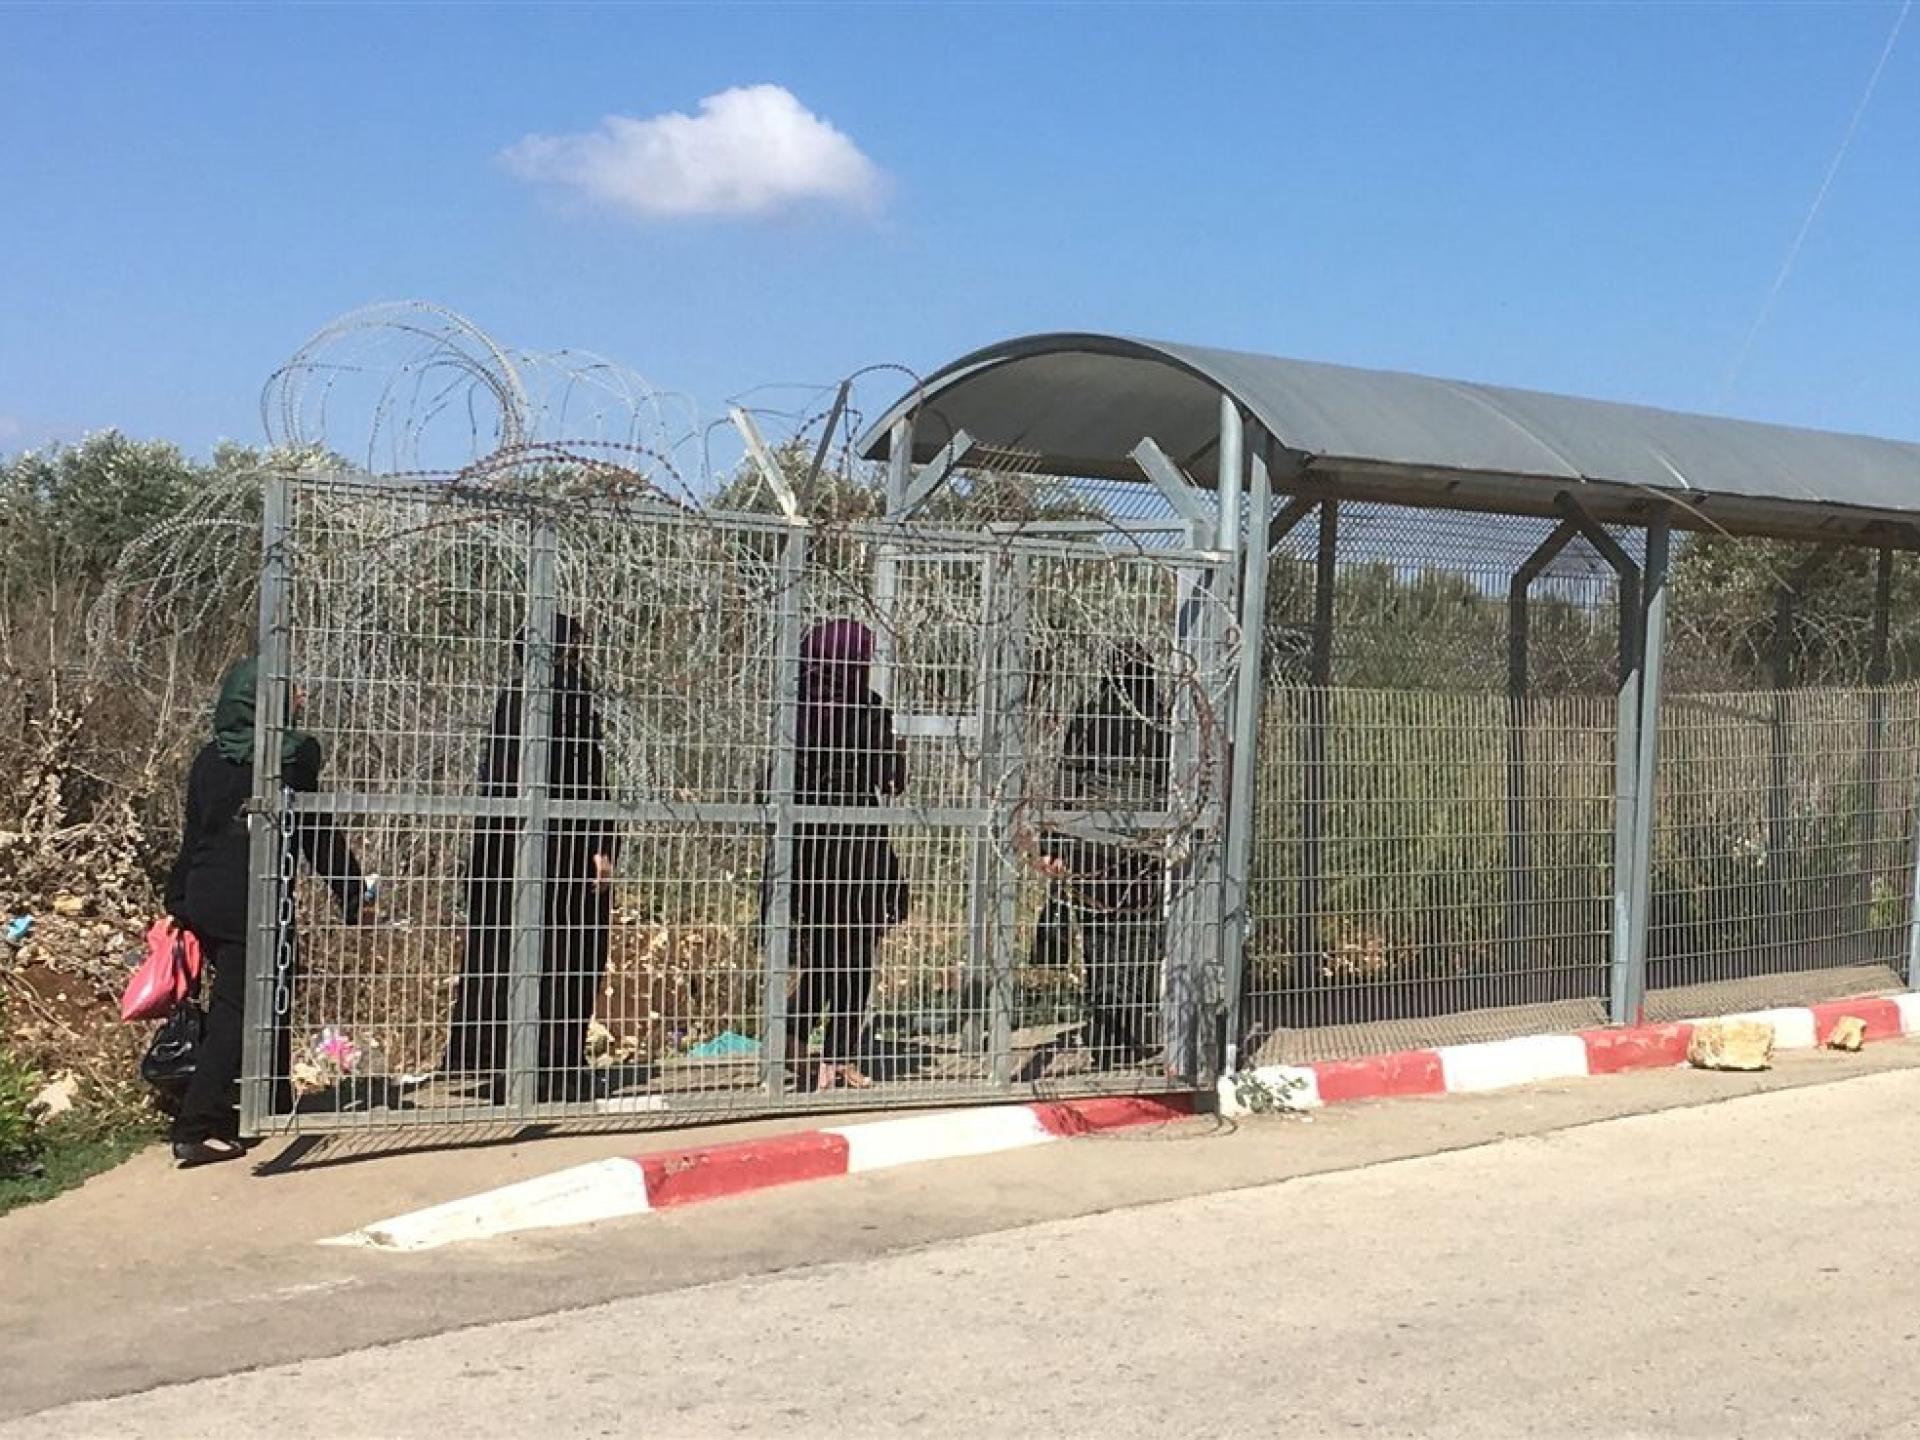 מחסום טורה: ארבע נשים עוברות בשרוול לכיוון הגדה